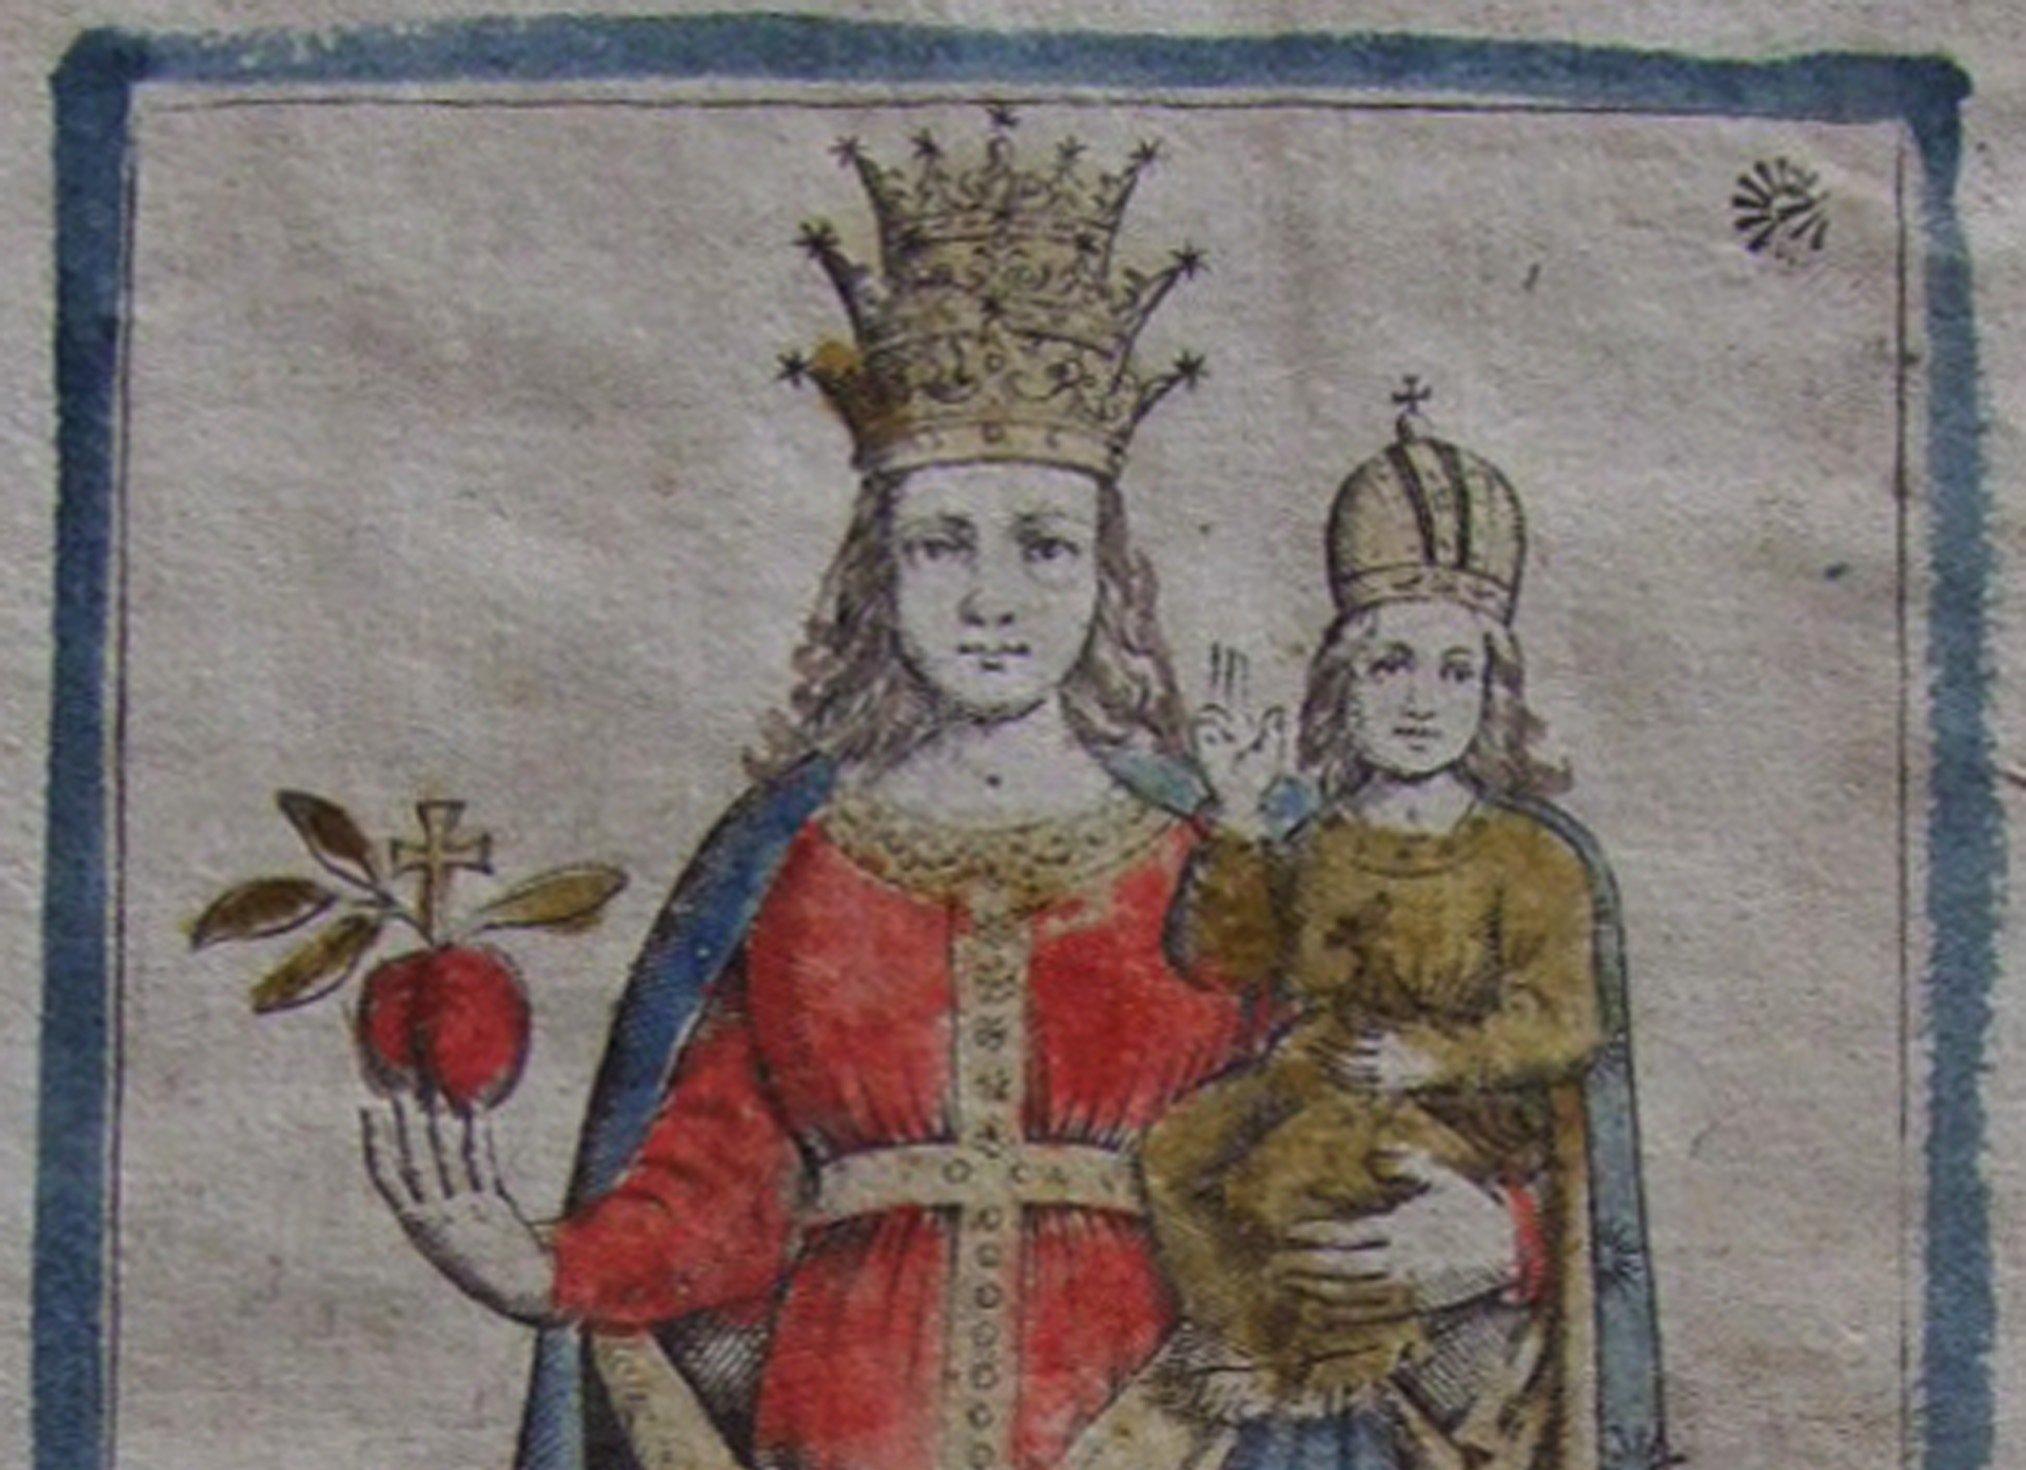 Madonna di Oropa Incoronazione 1620